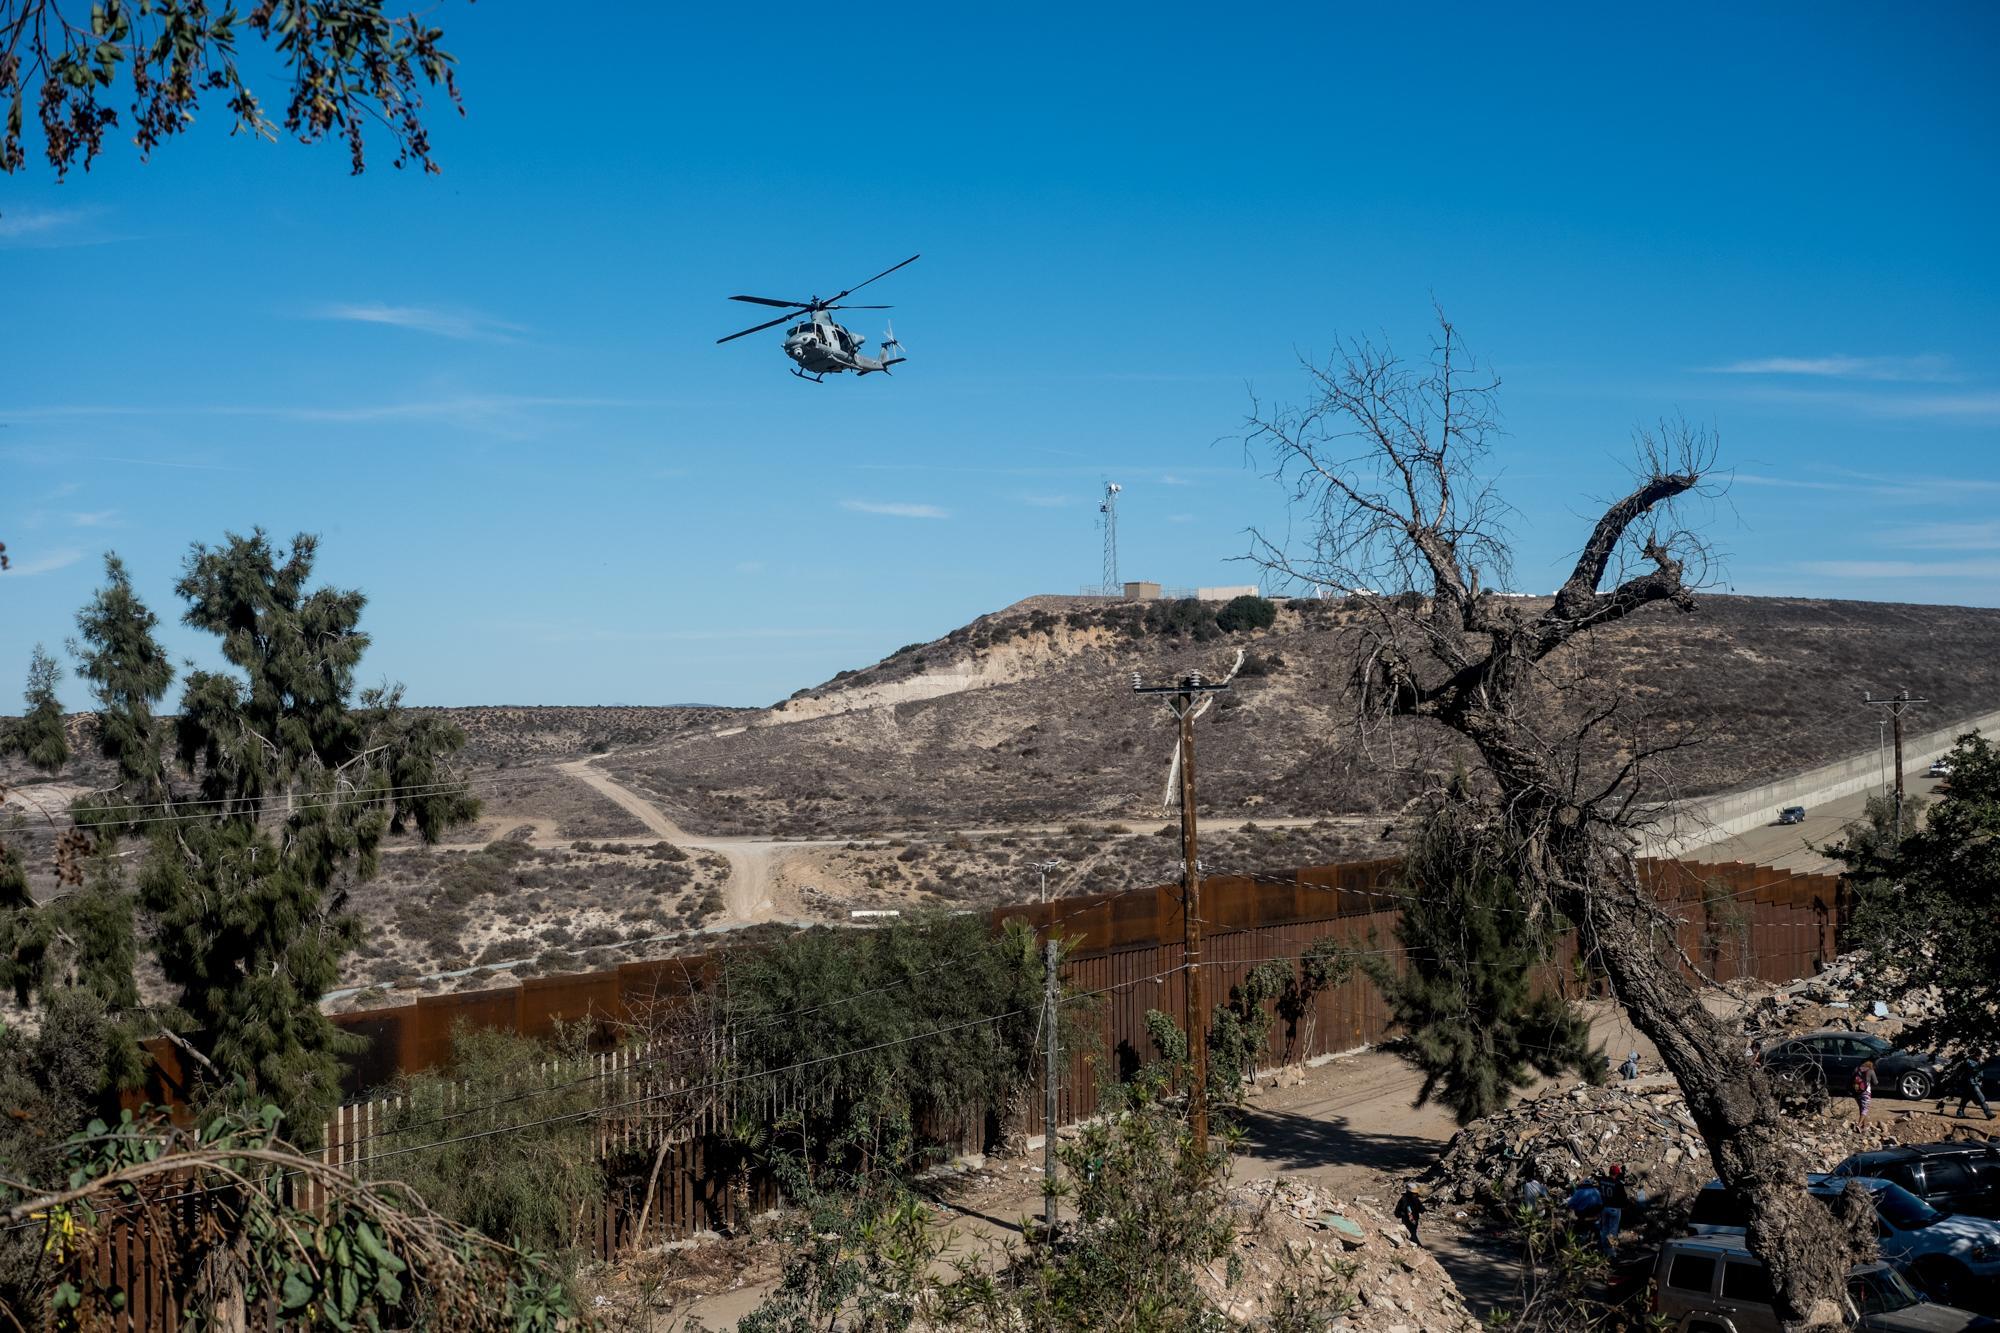 Un helicóptero estadounidense vuela sobre la frontera entre Tijuana y San Diego el domingo 25 de noviembre, mientras cientos de migrantes rondaban el muro. algunas latas de gas lacrimógeno fueron lanzadas desde los helicópteros hacia territorio mexicano. Foto: Fred Ramos